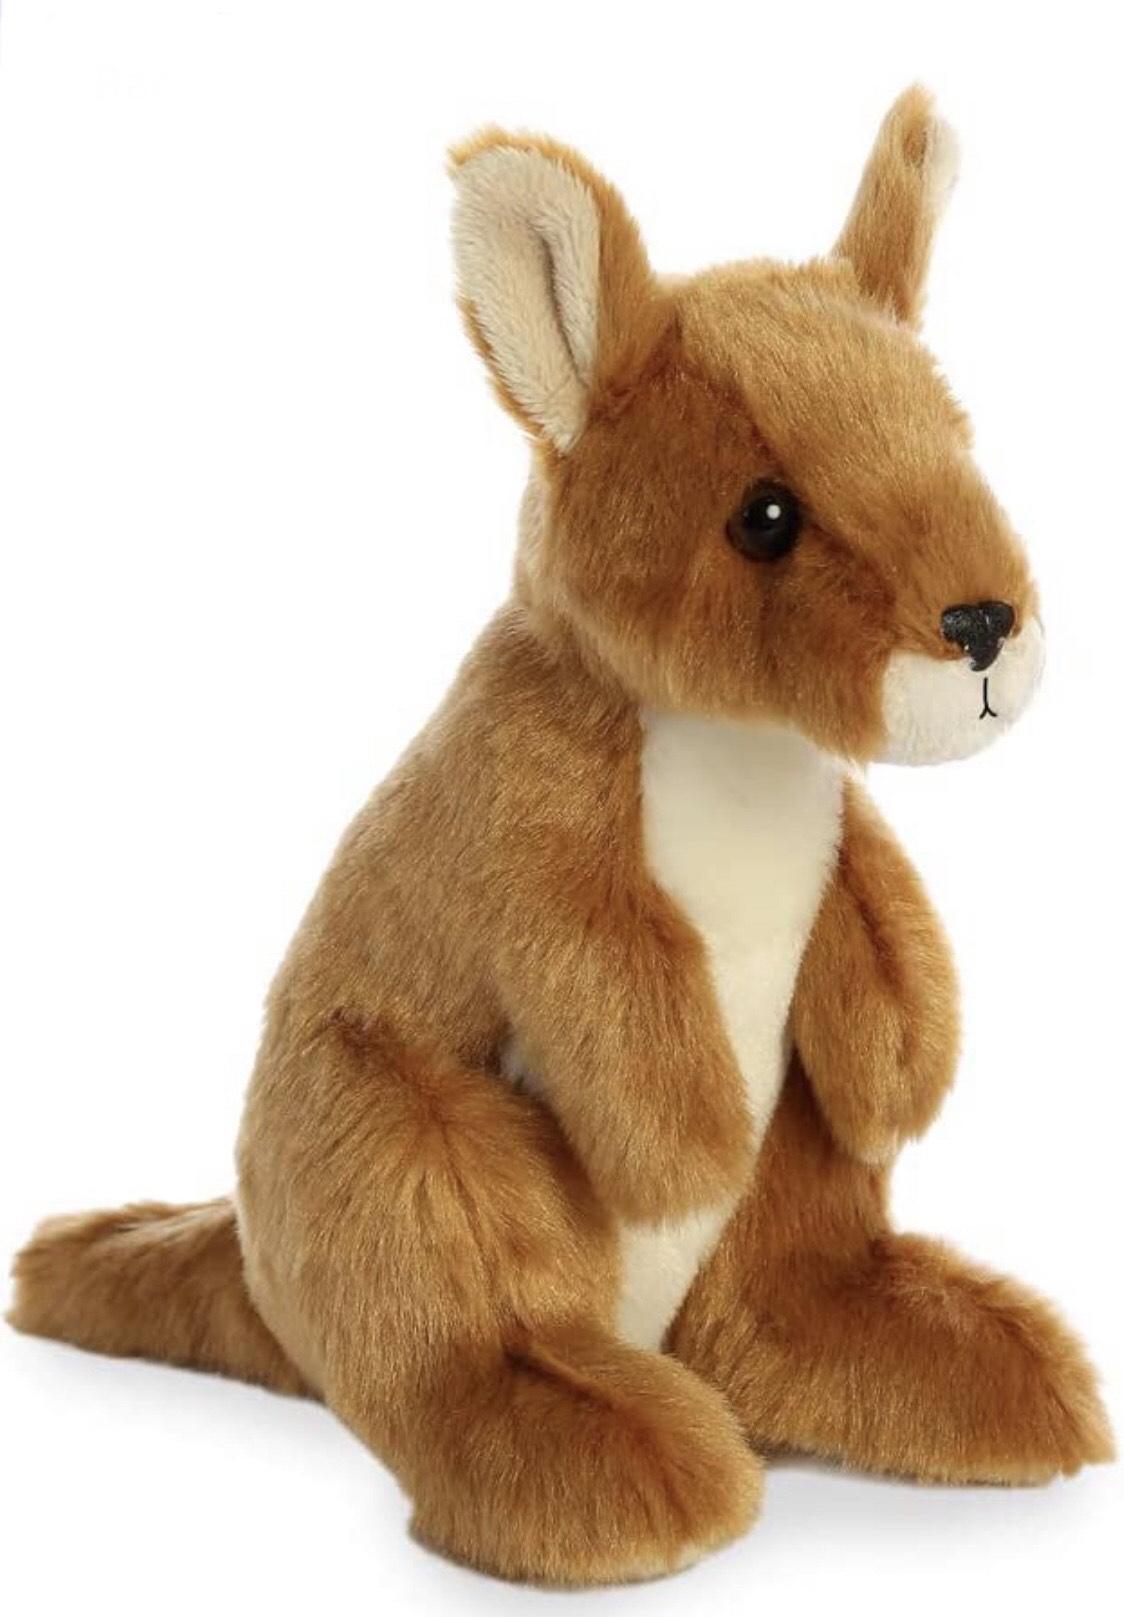 AURORA Mini Flopsies Kangaroo 8In 31753 Brown £2.75 Amazon Prime (+£4.49 Non Prime)